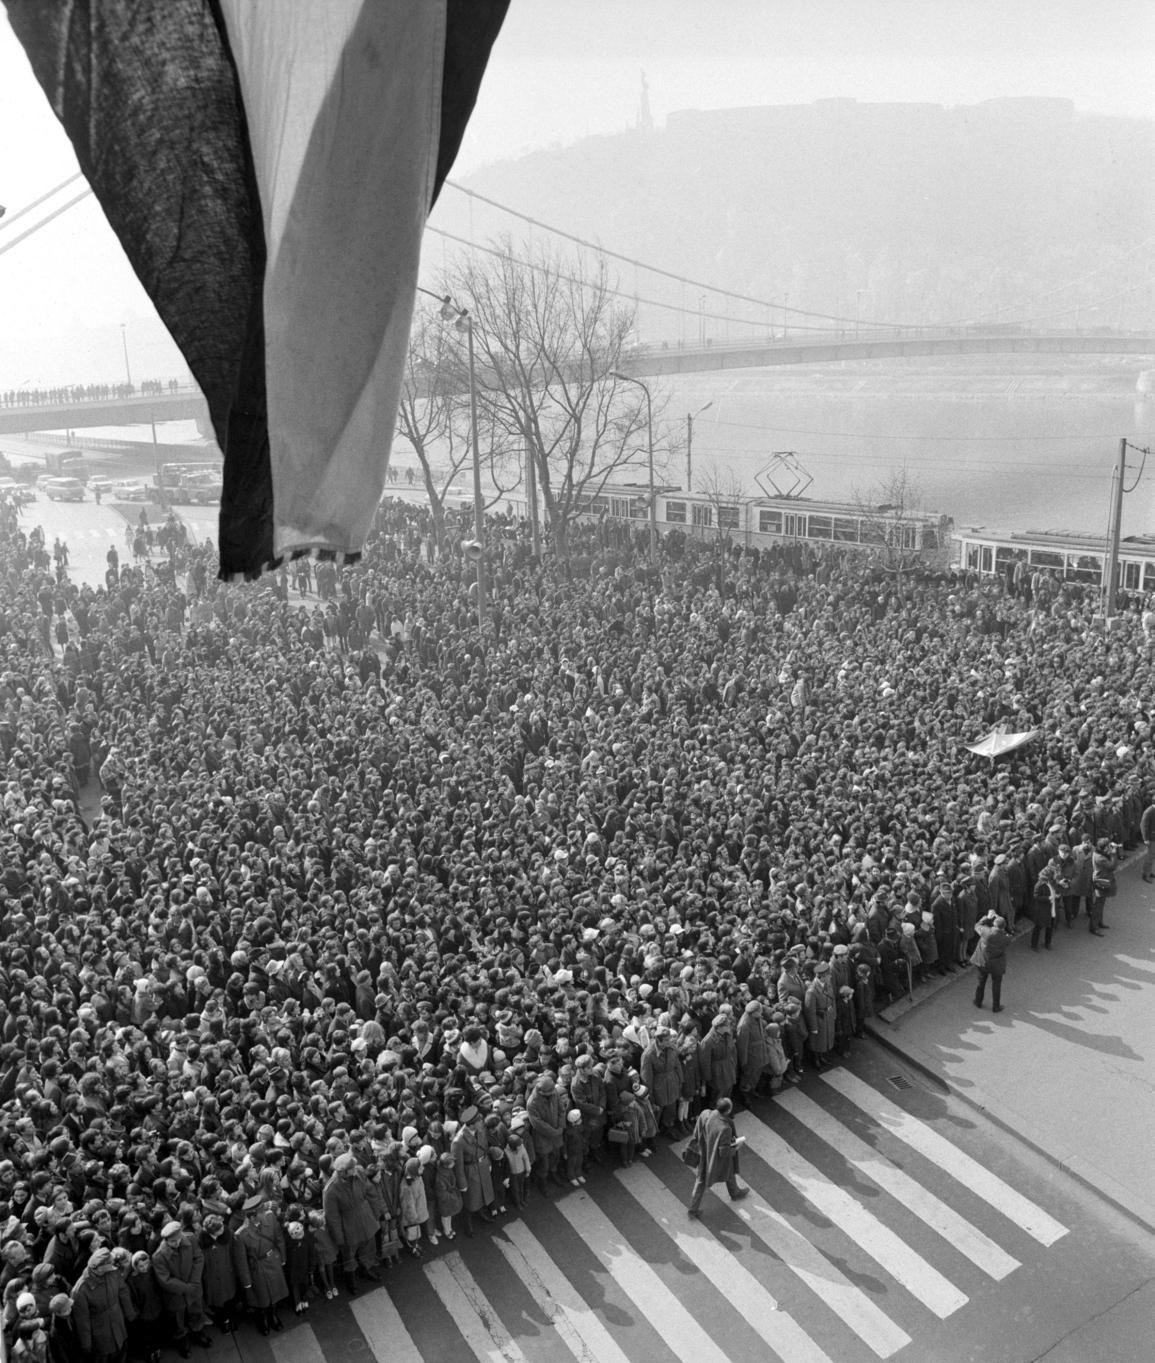 Budapest, 1972. március 15. Koszorúzás az 1848-as forradalom évfordulóján a Petőfi szobornál. A KISZ és a Hazafias Népfront az ünnepség alkalmából avatta fel az 1942-es március 15-i antifasiszta háborúellenes tüntetés emléktábláját. MTI Fotó: Tormai Andor